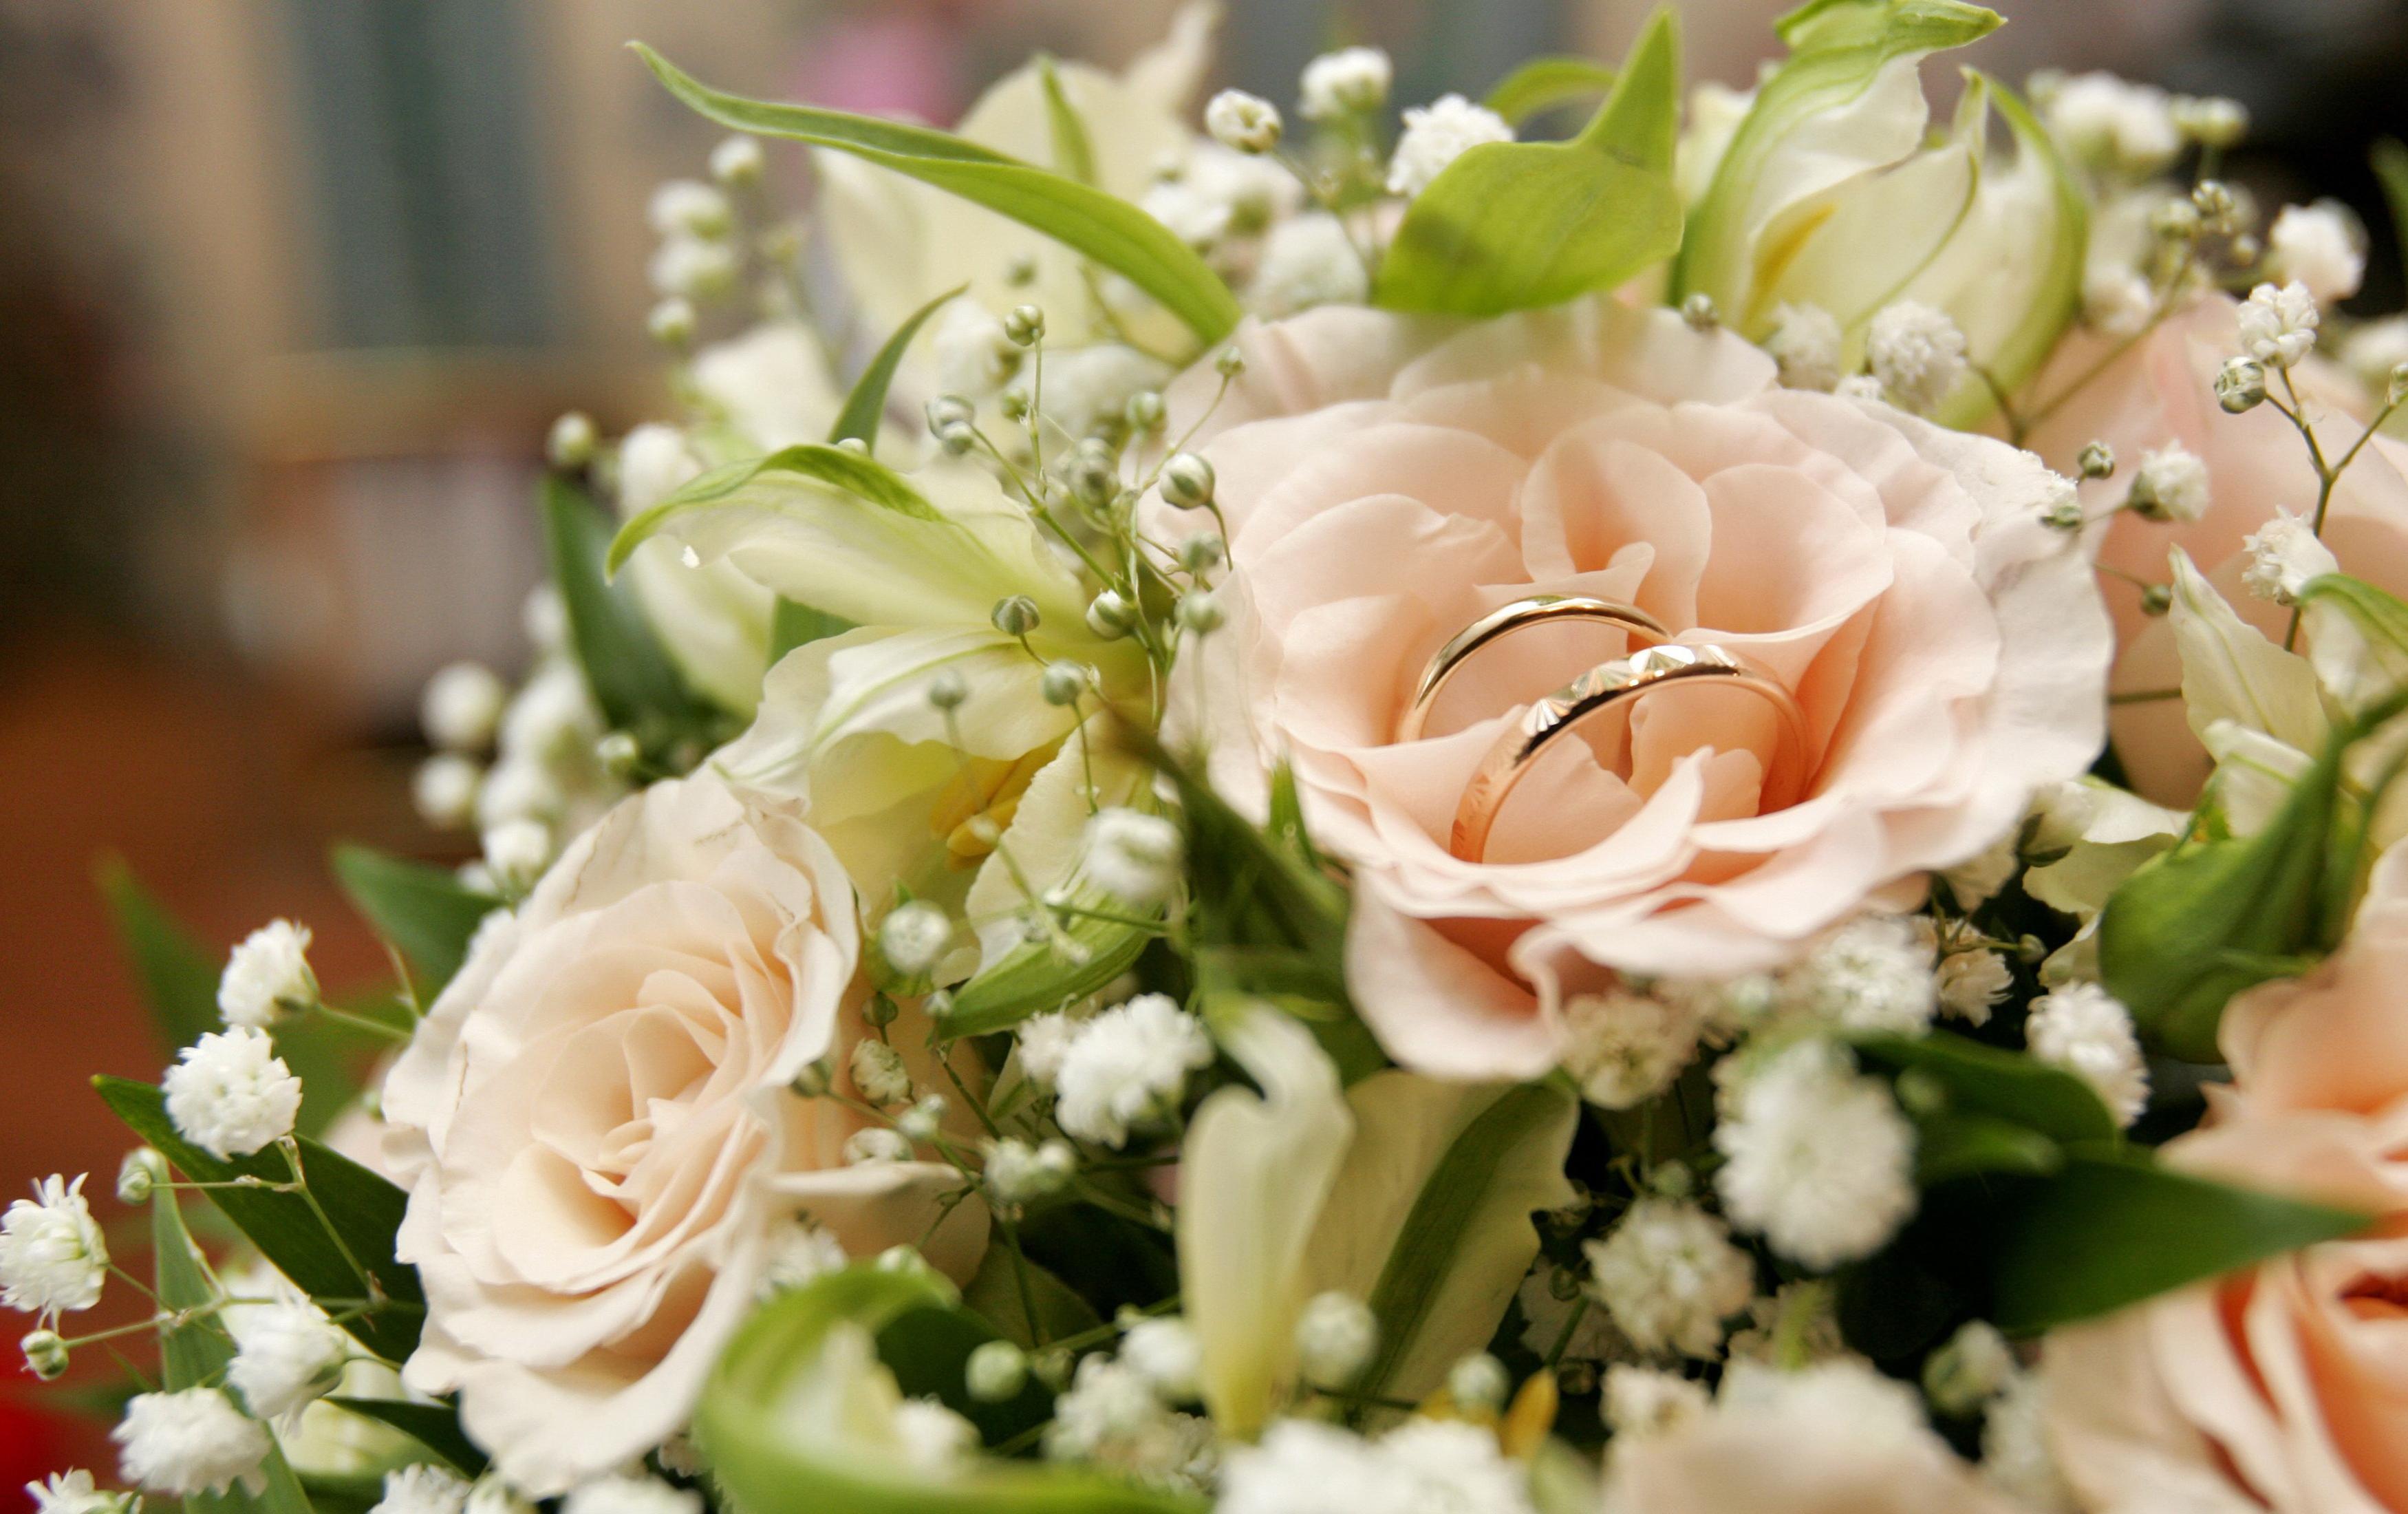 Открытки к свадьбе высокого разрешения, днем